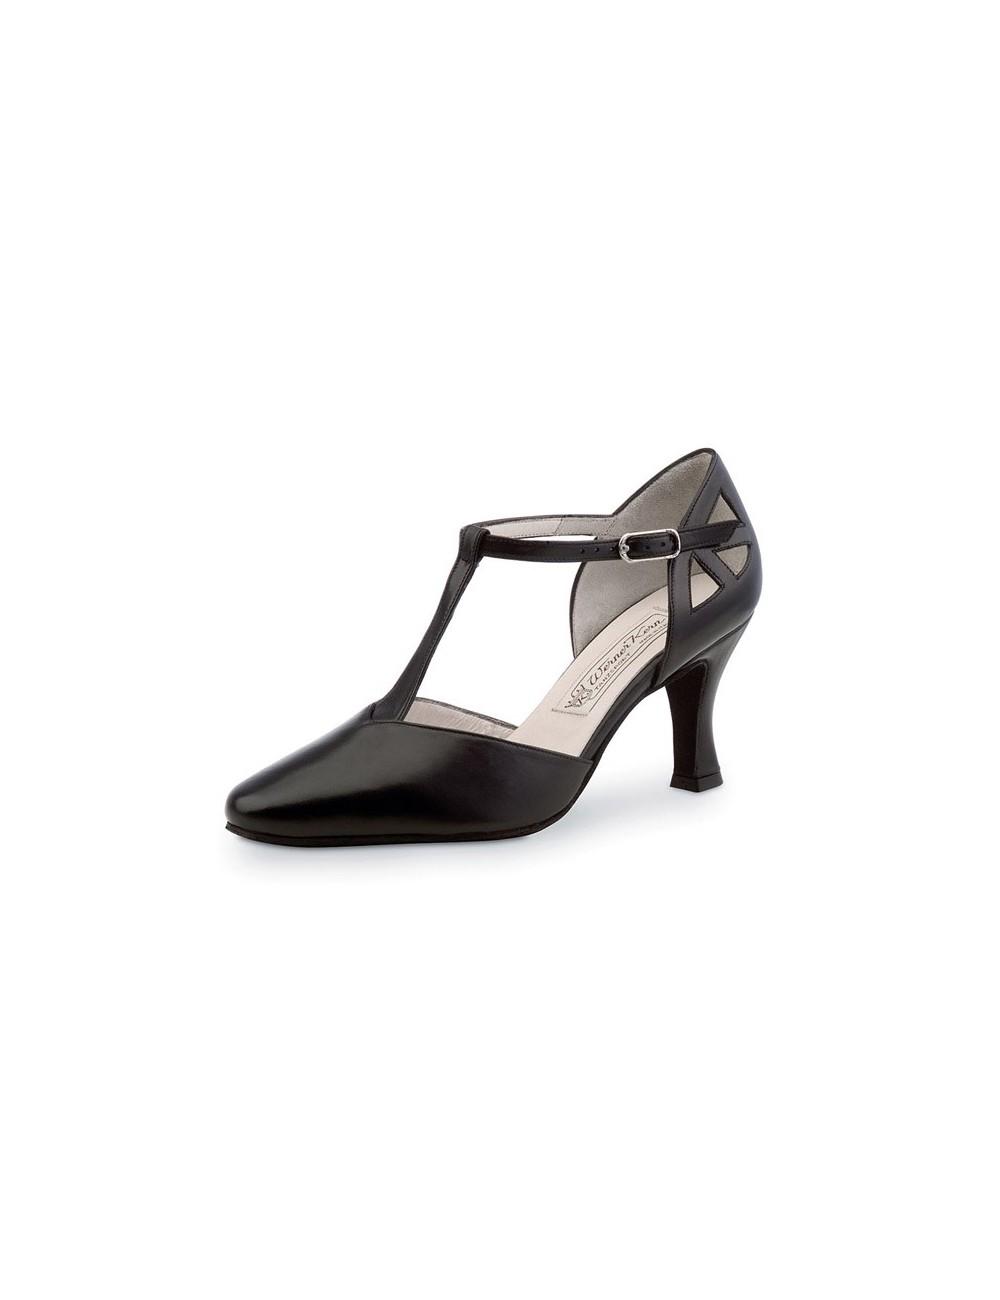 a144b47e Zapato baile negro cerrado elegante. Zapatos de salsa , bachata y bailes  latinos y de salon para mujer. Fabricados en piel de color negro y de punta  cerrada ...